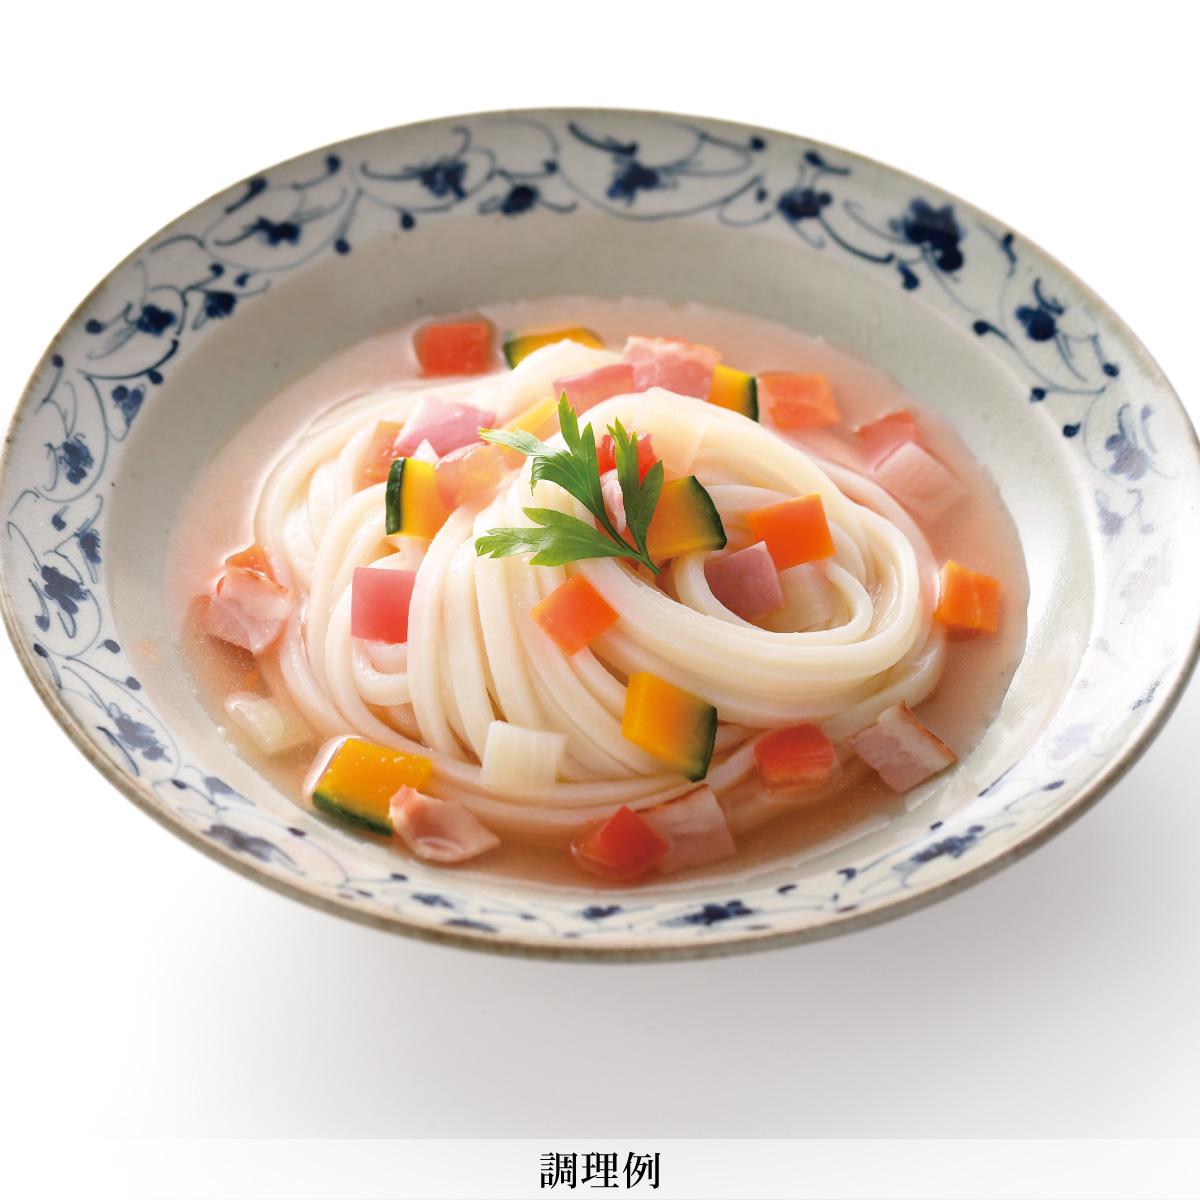 半生讃岐うどん包丁切り500g(6袋)